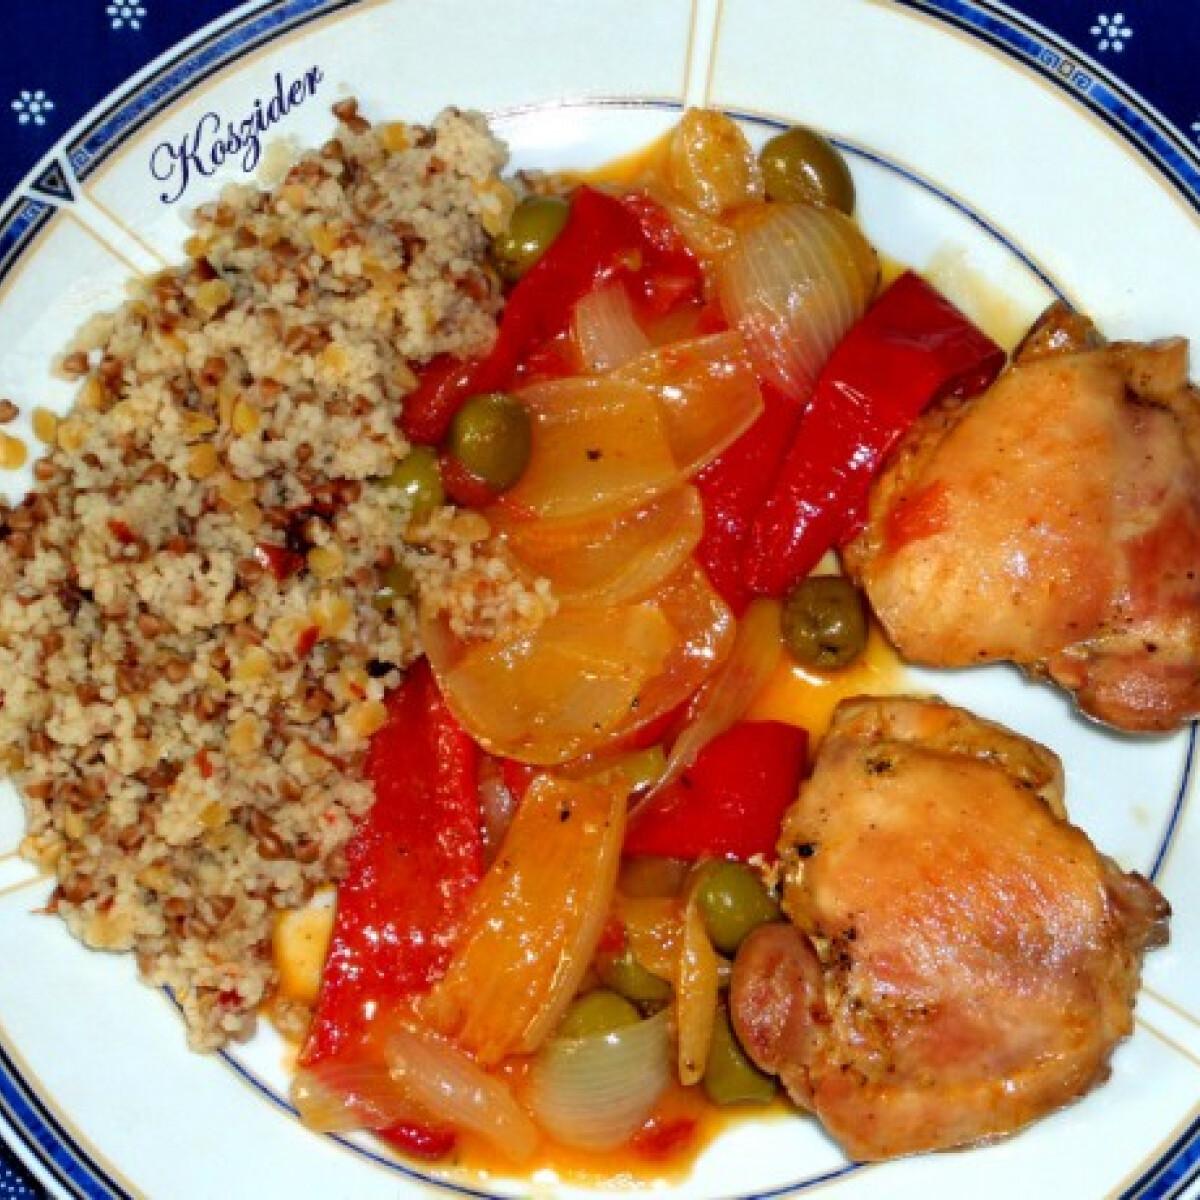 Spanyol csirkecomb Koszider konyhájából